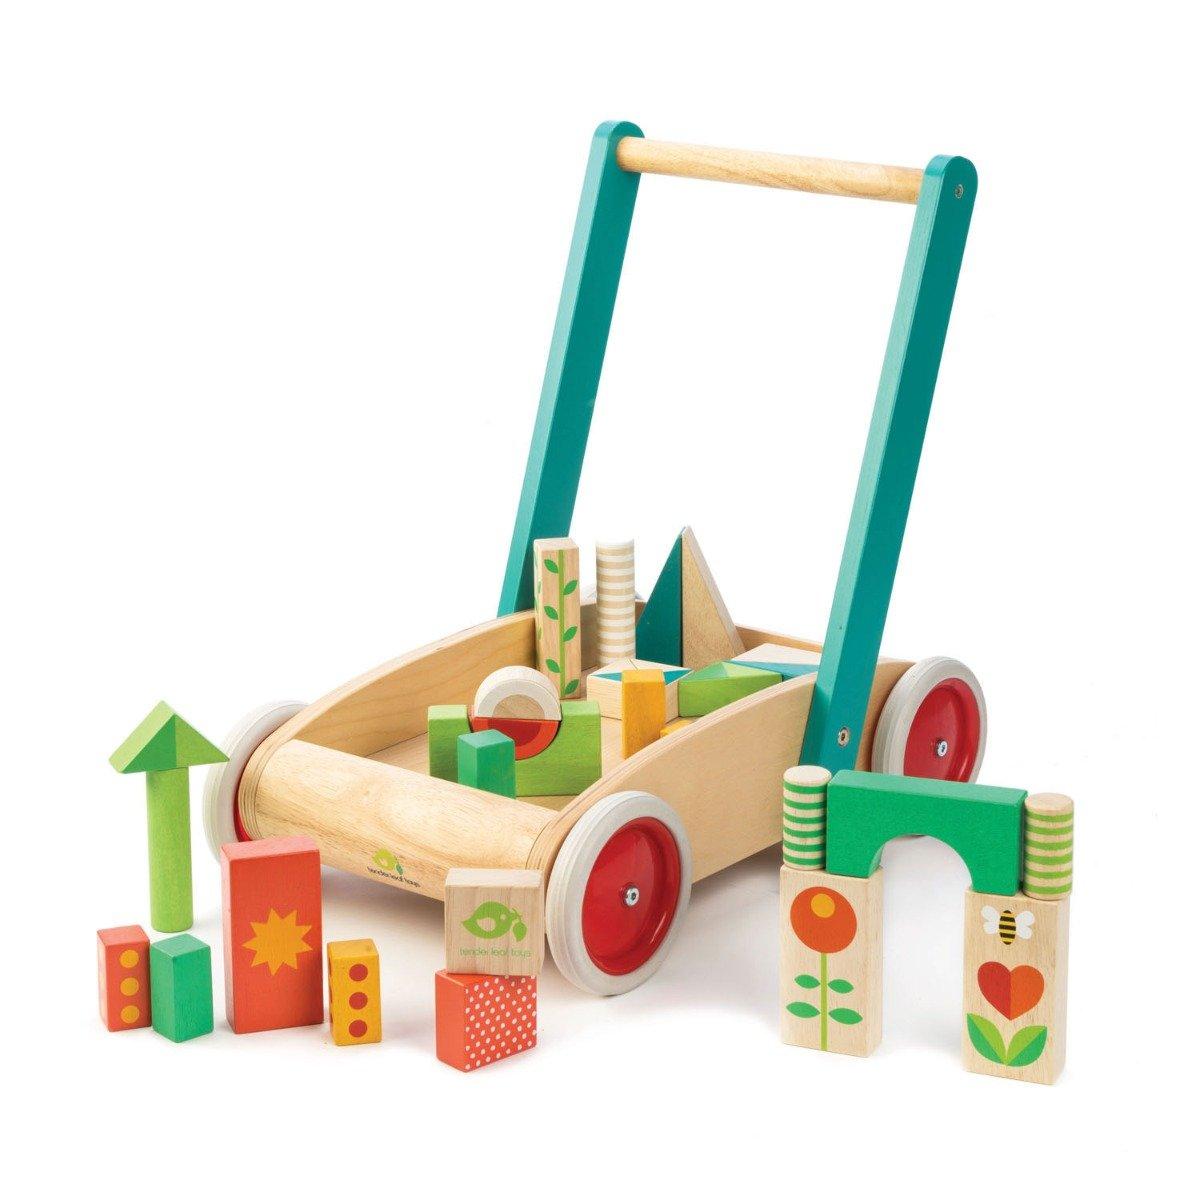 Antemergator cu cuburi, din lemn Tender Leaf Toys, 29 piese imagine